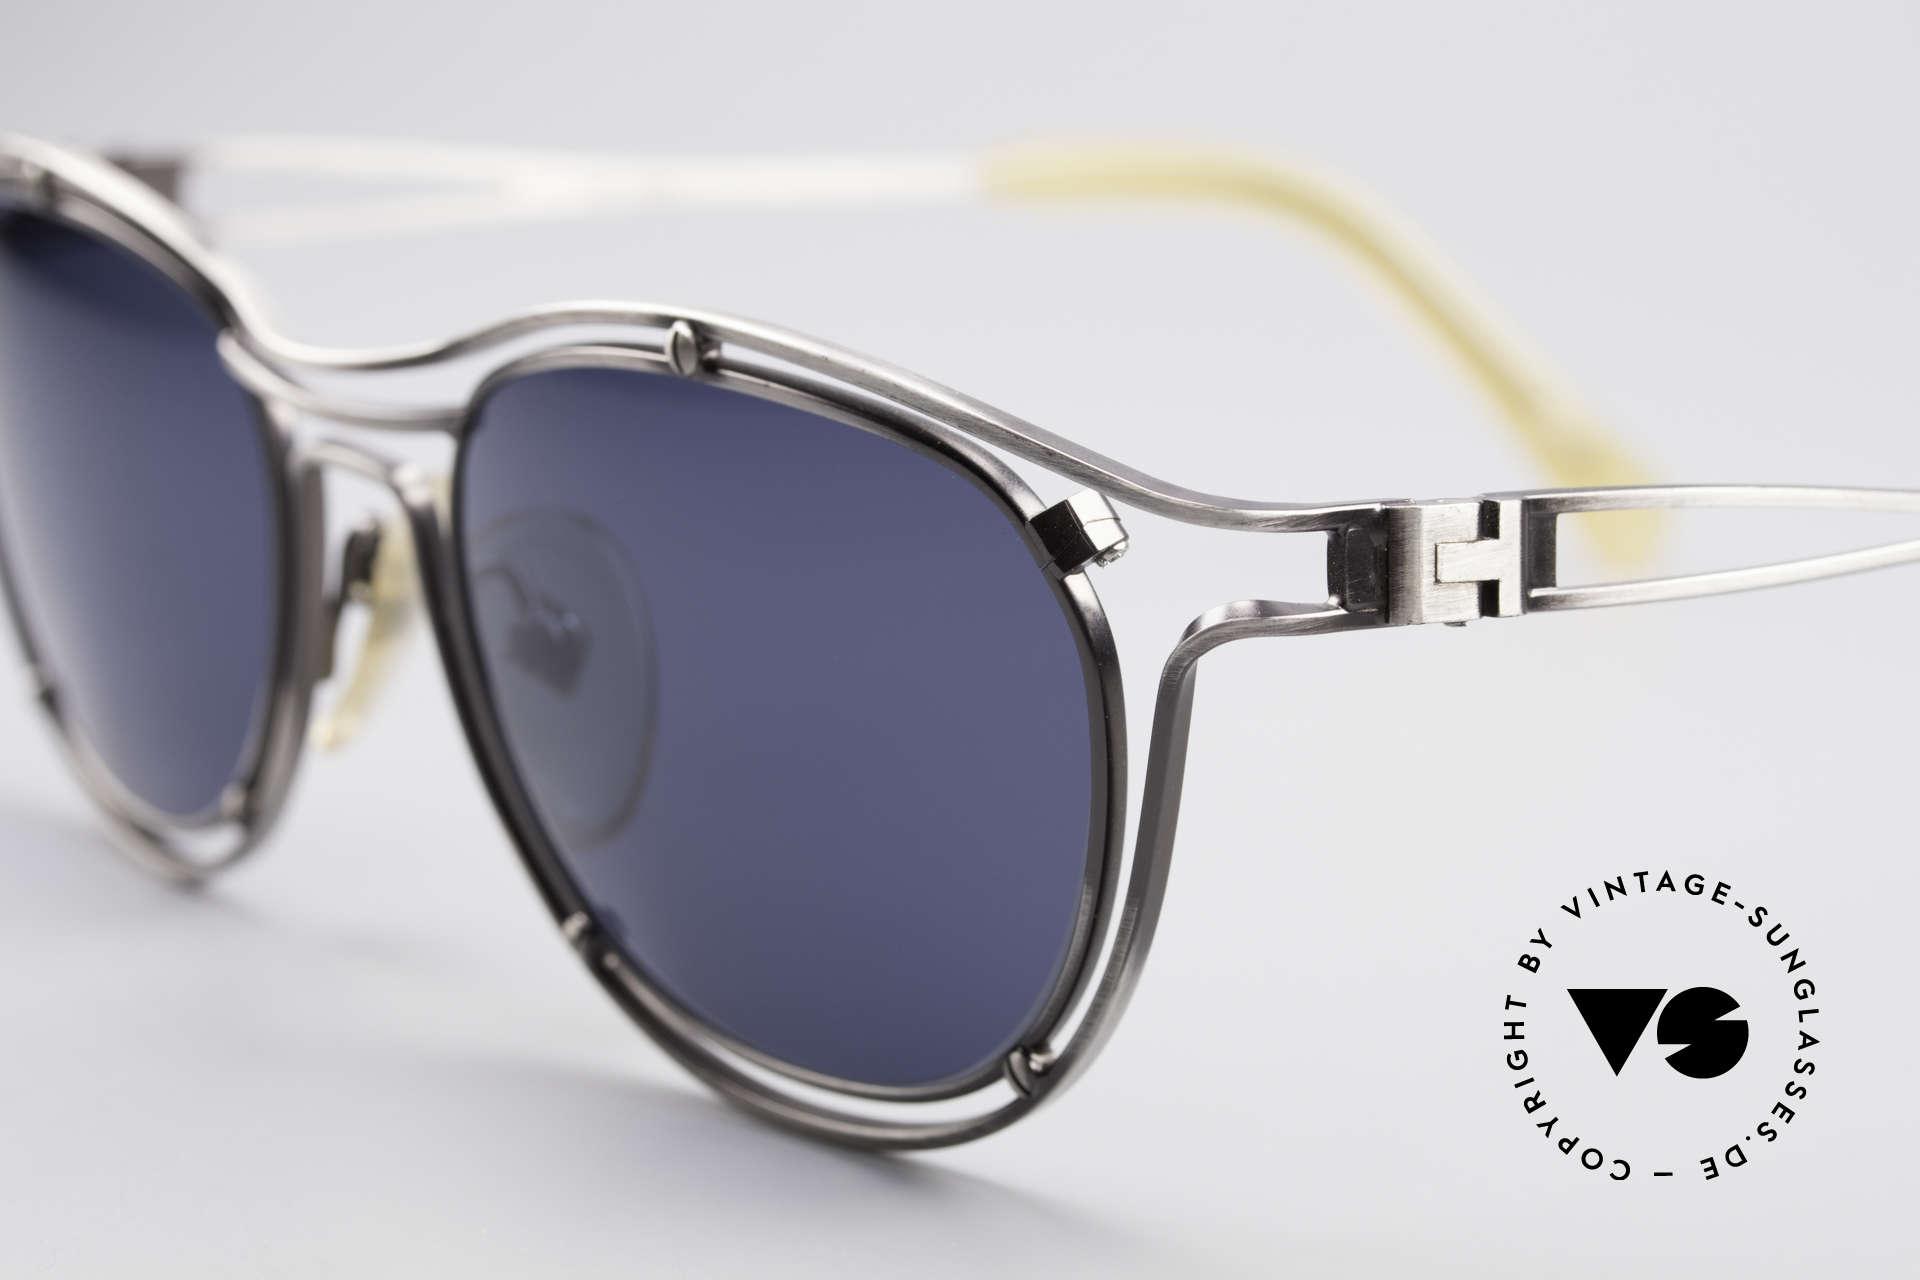 Jean Paul Gaultier 56-2176 Echte Designer Sonnenbrille, außergewöhnliche Spitzen-Qualität; made in Japan, Passend für Herren und Damen